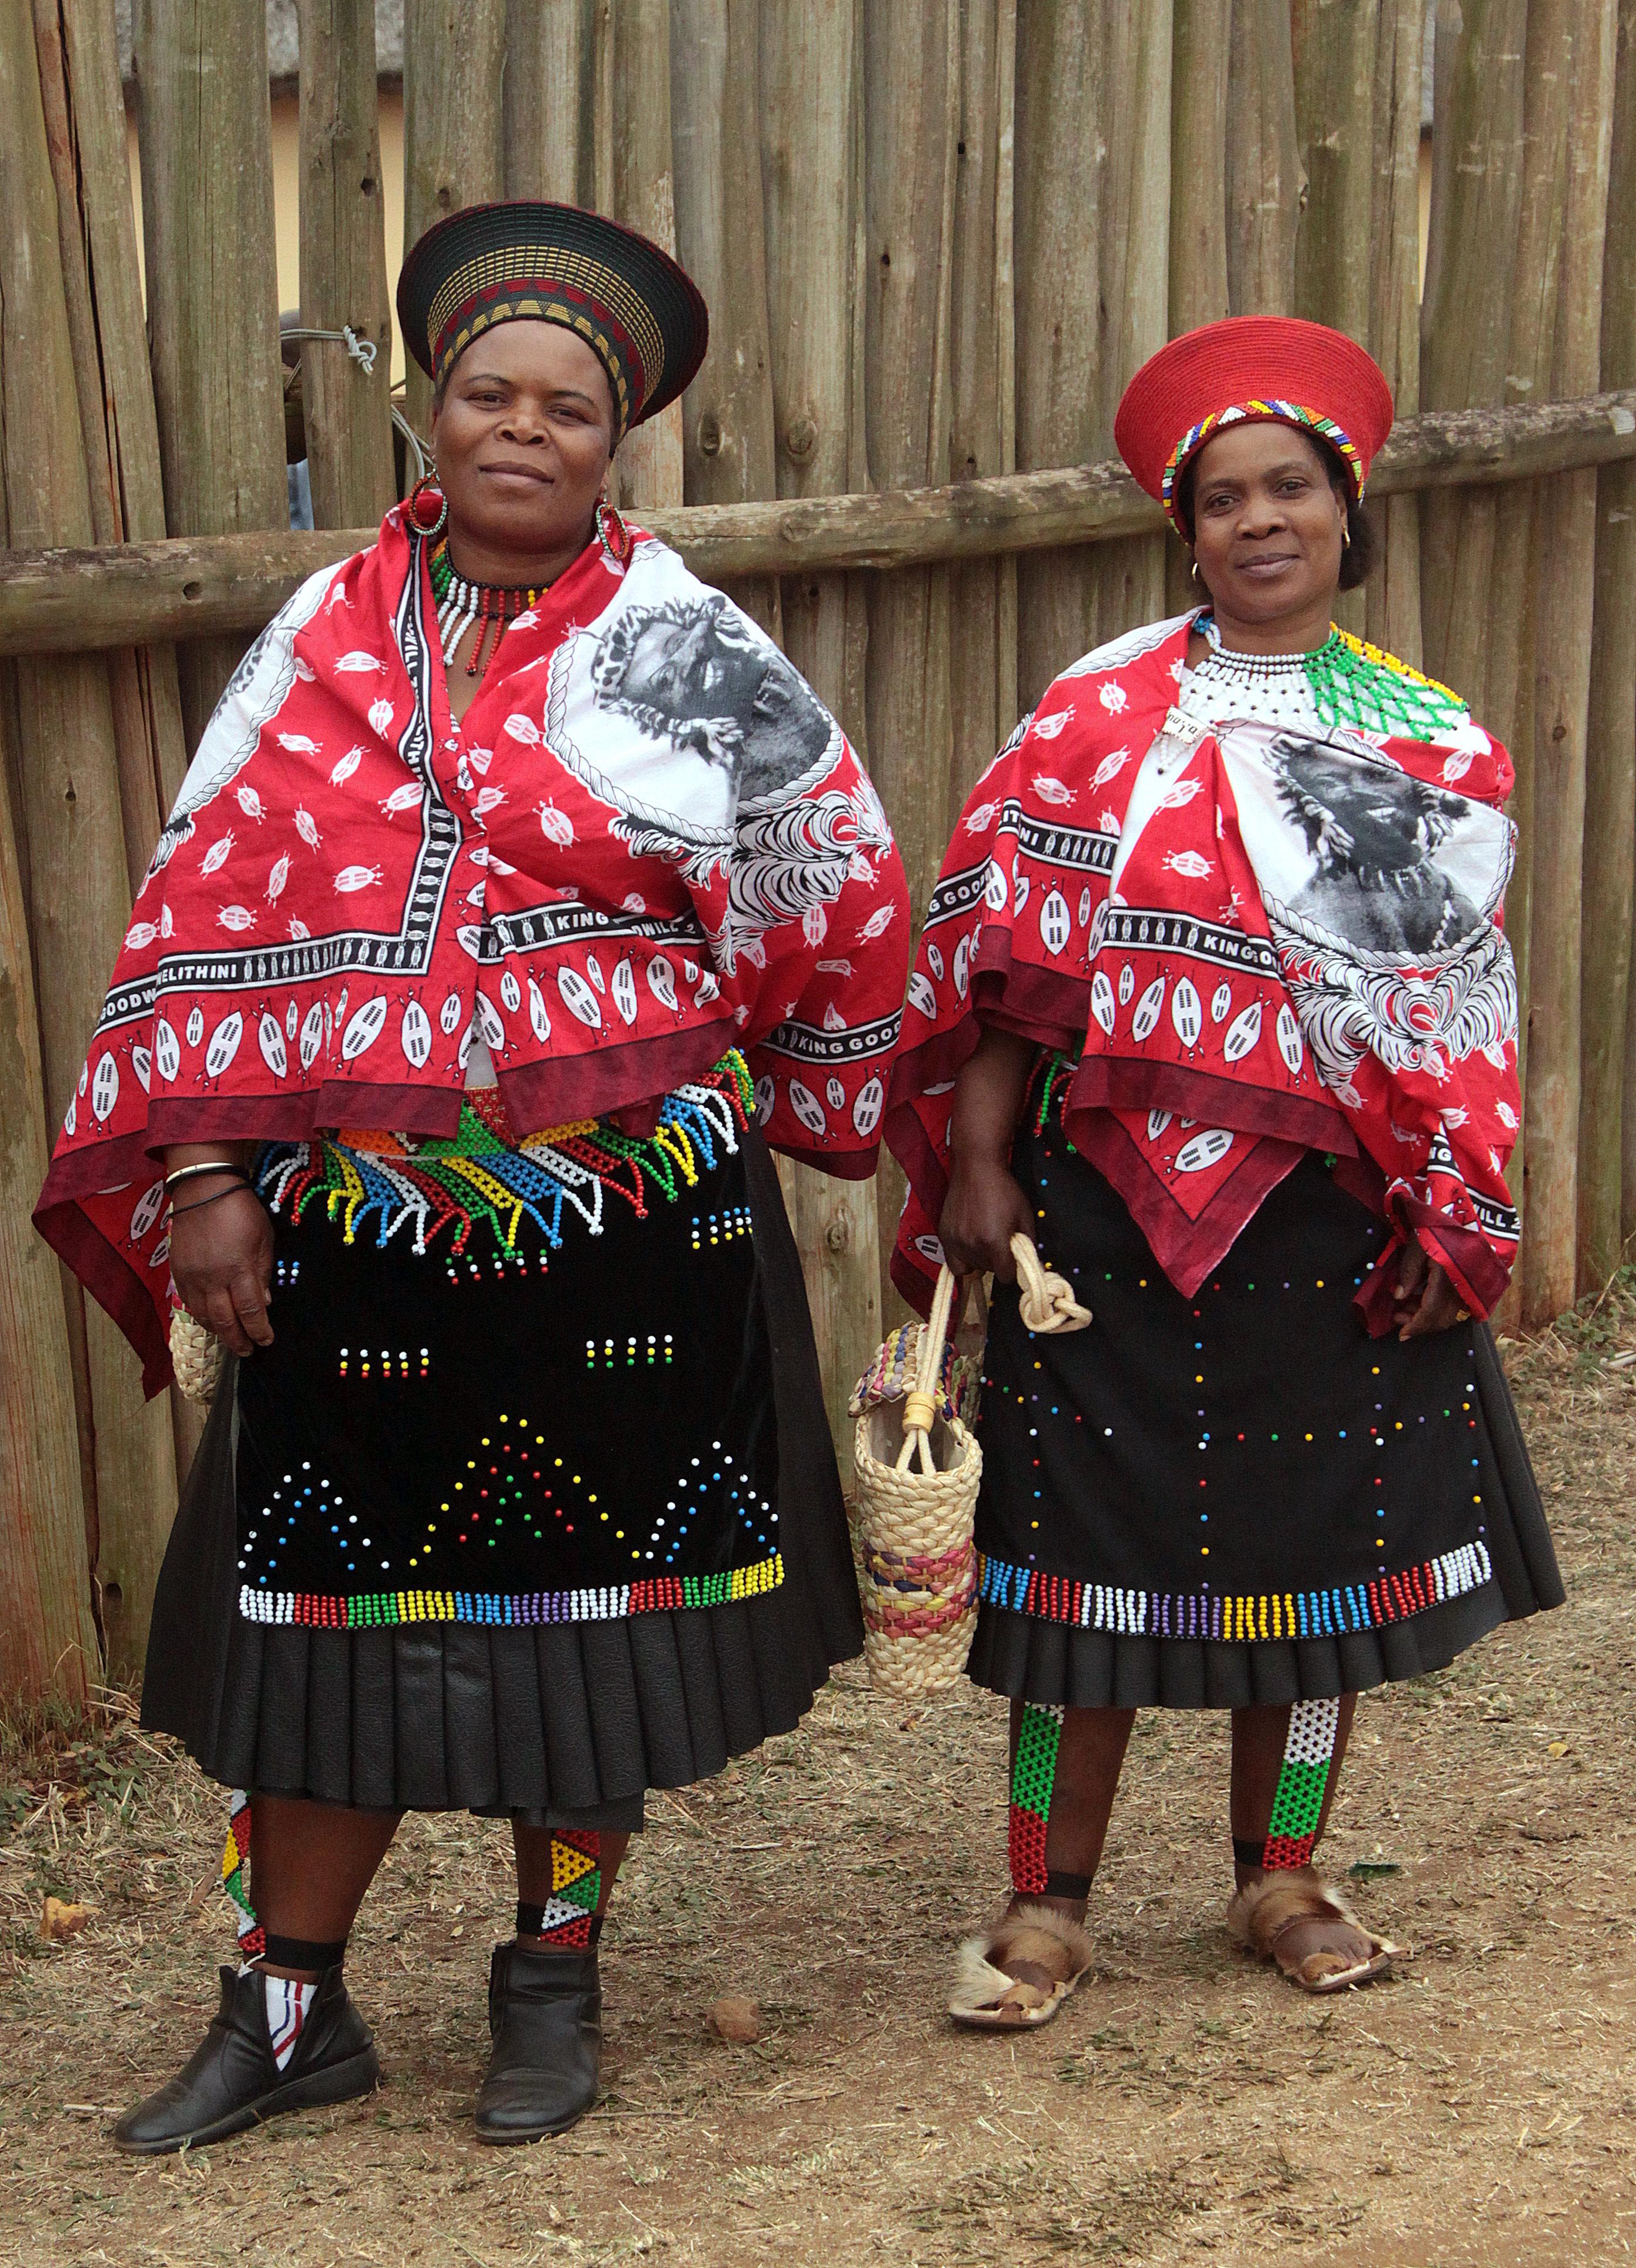 также может африканские костюмы фото откуда появилось